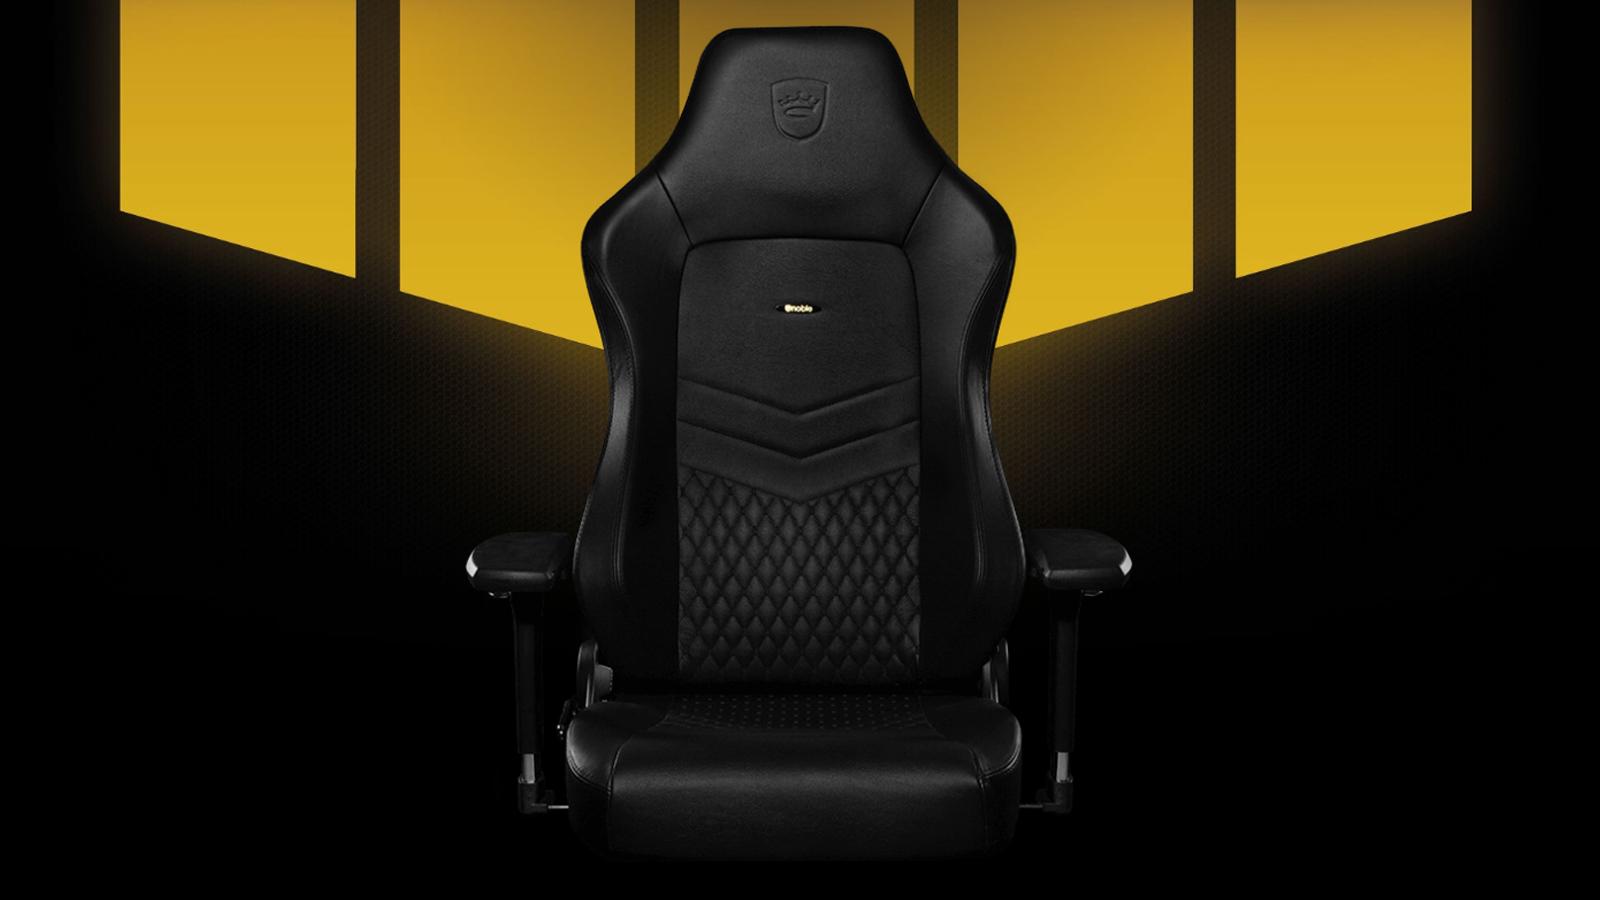 comparatif des meilleures chaises gamer